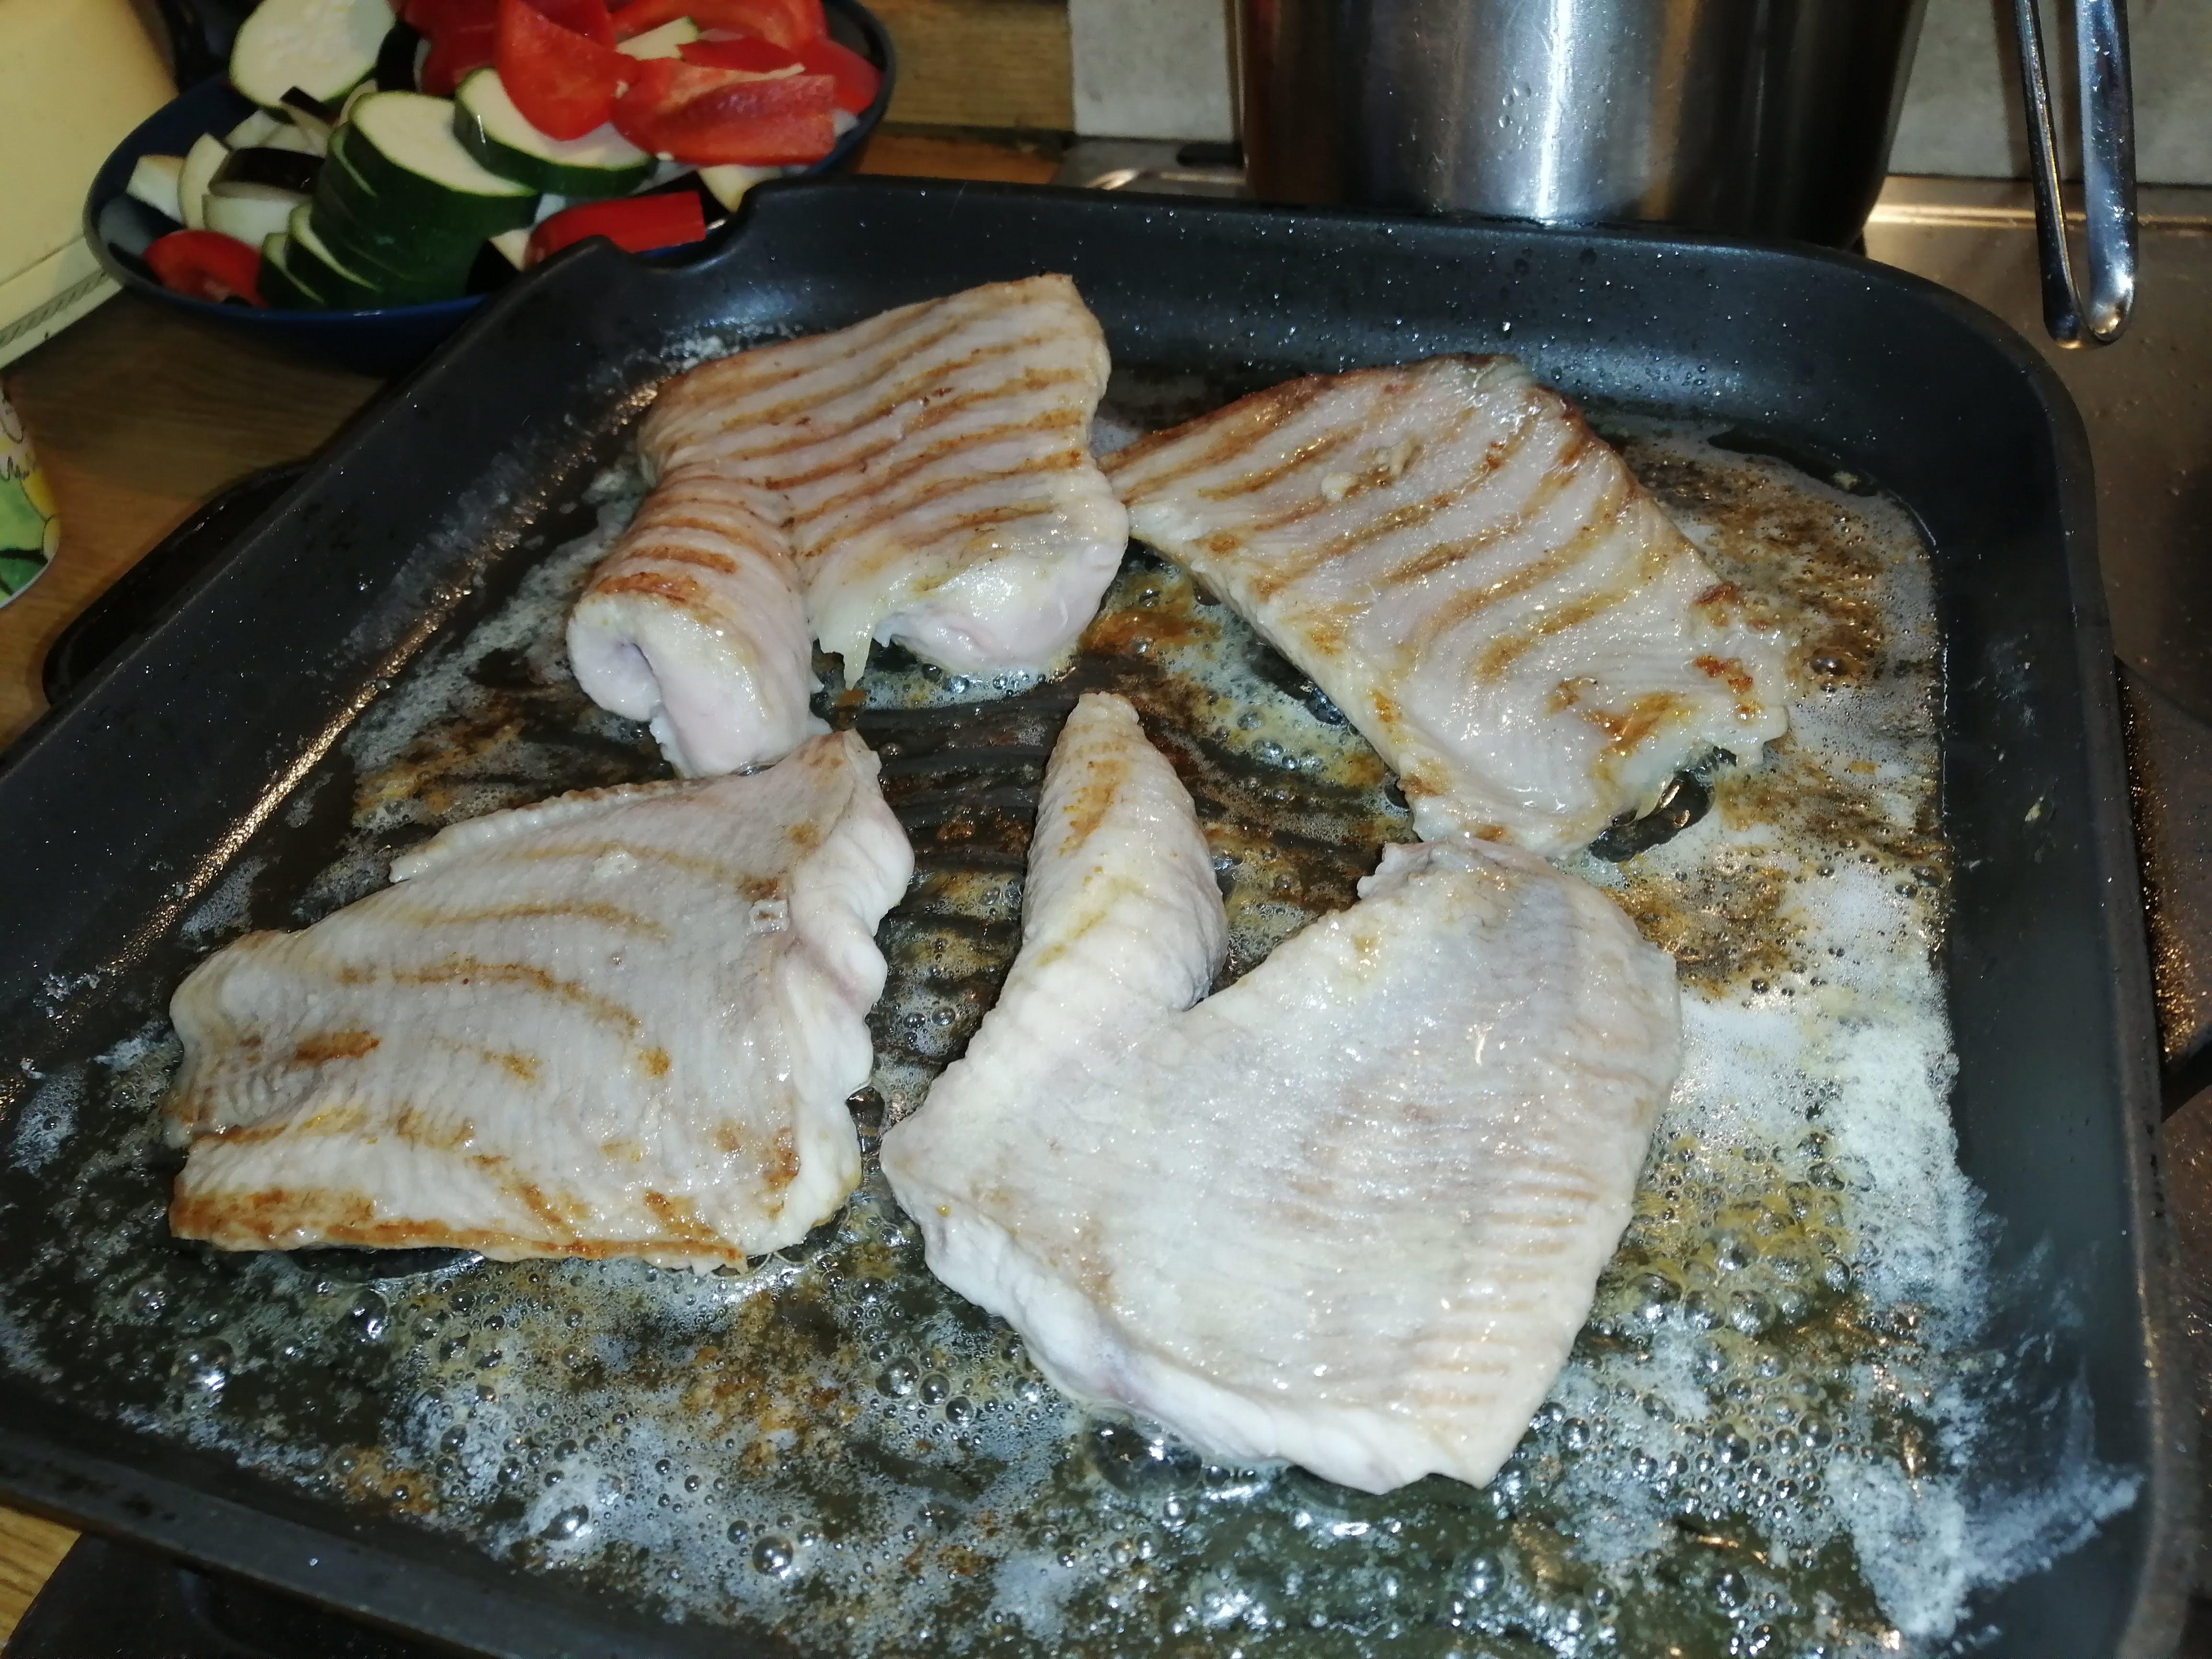 Keď začne mäso postupne meniť farbu, cca. do 1/3 zospodu, filety obrátime a opražíme z druhej strany.